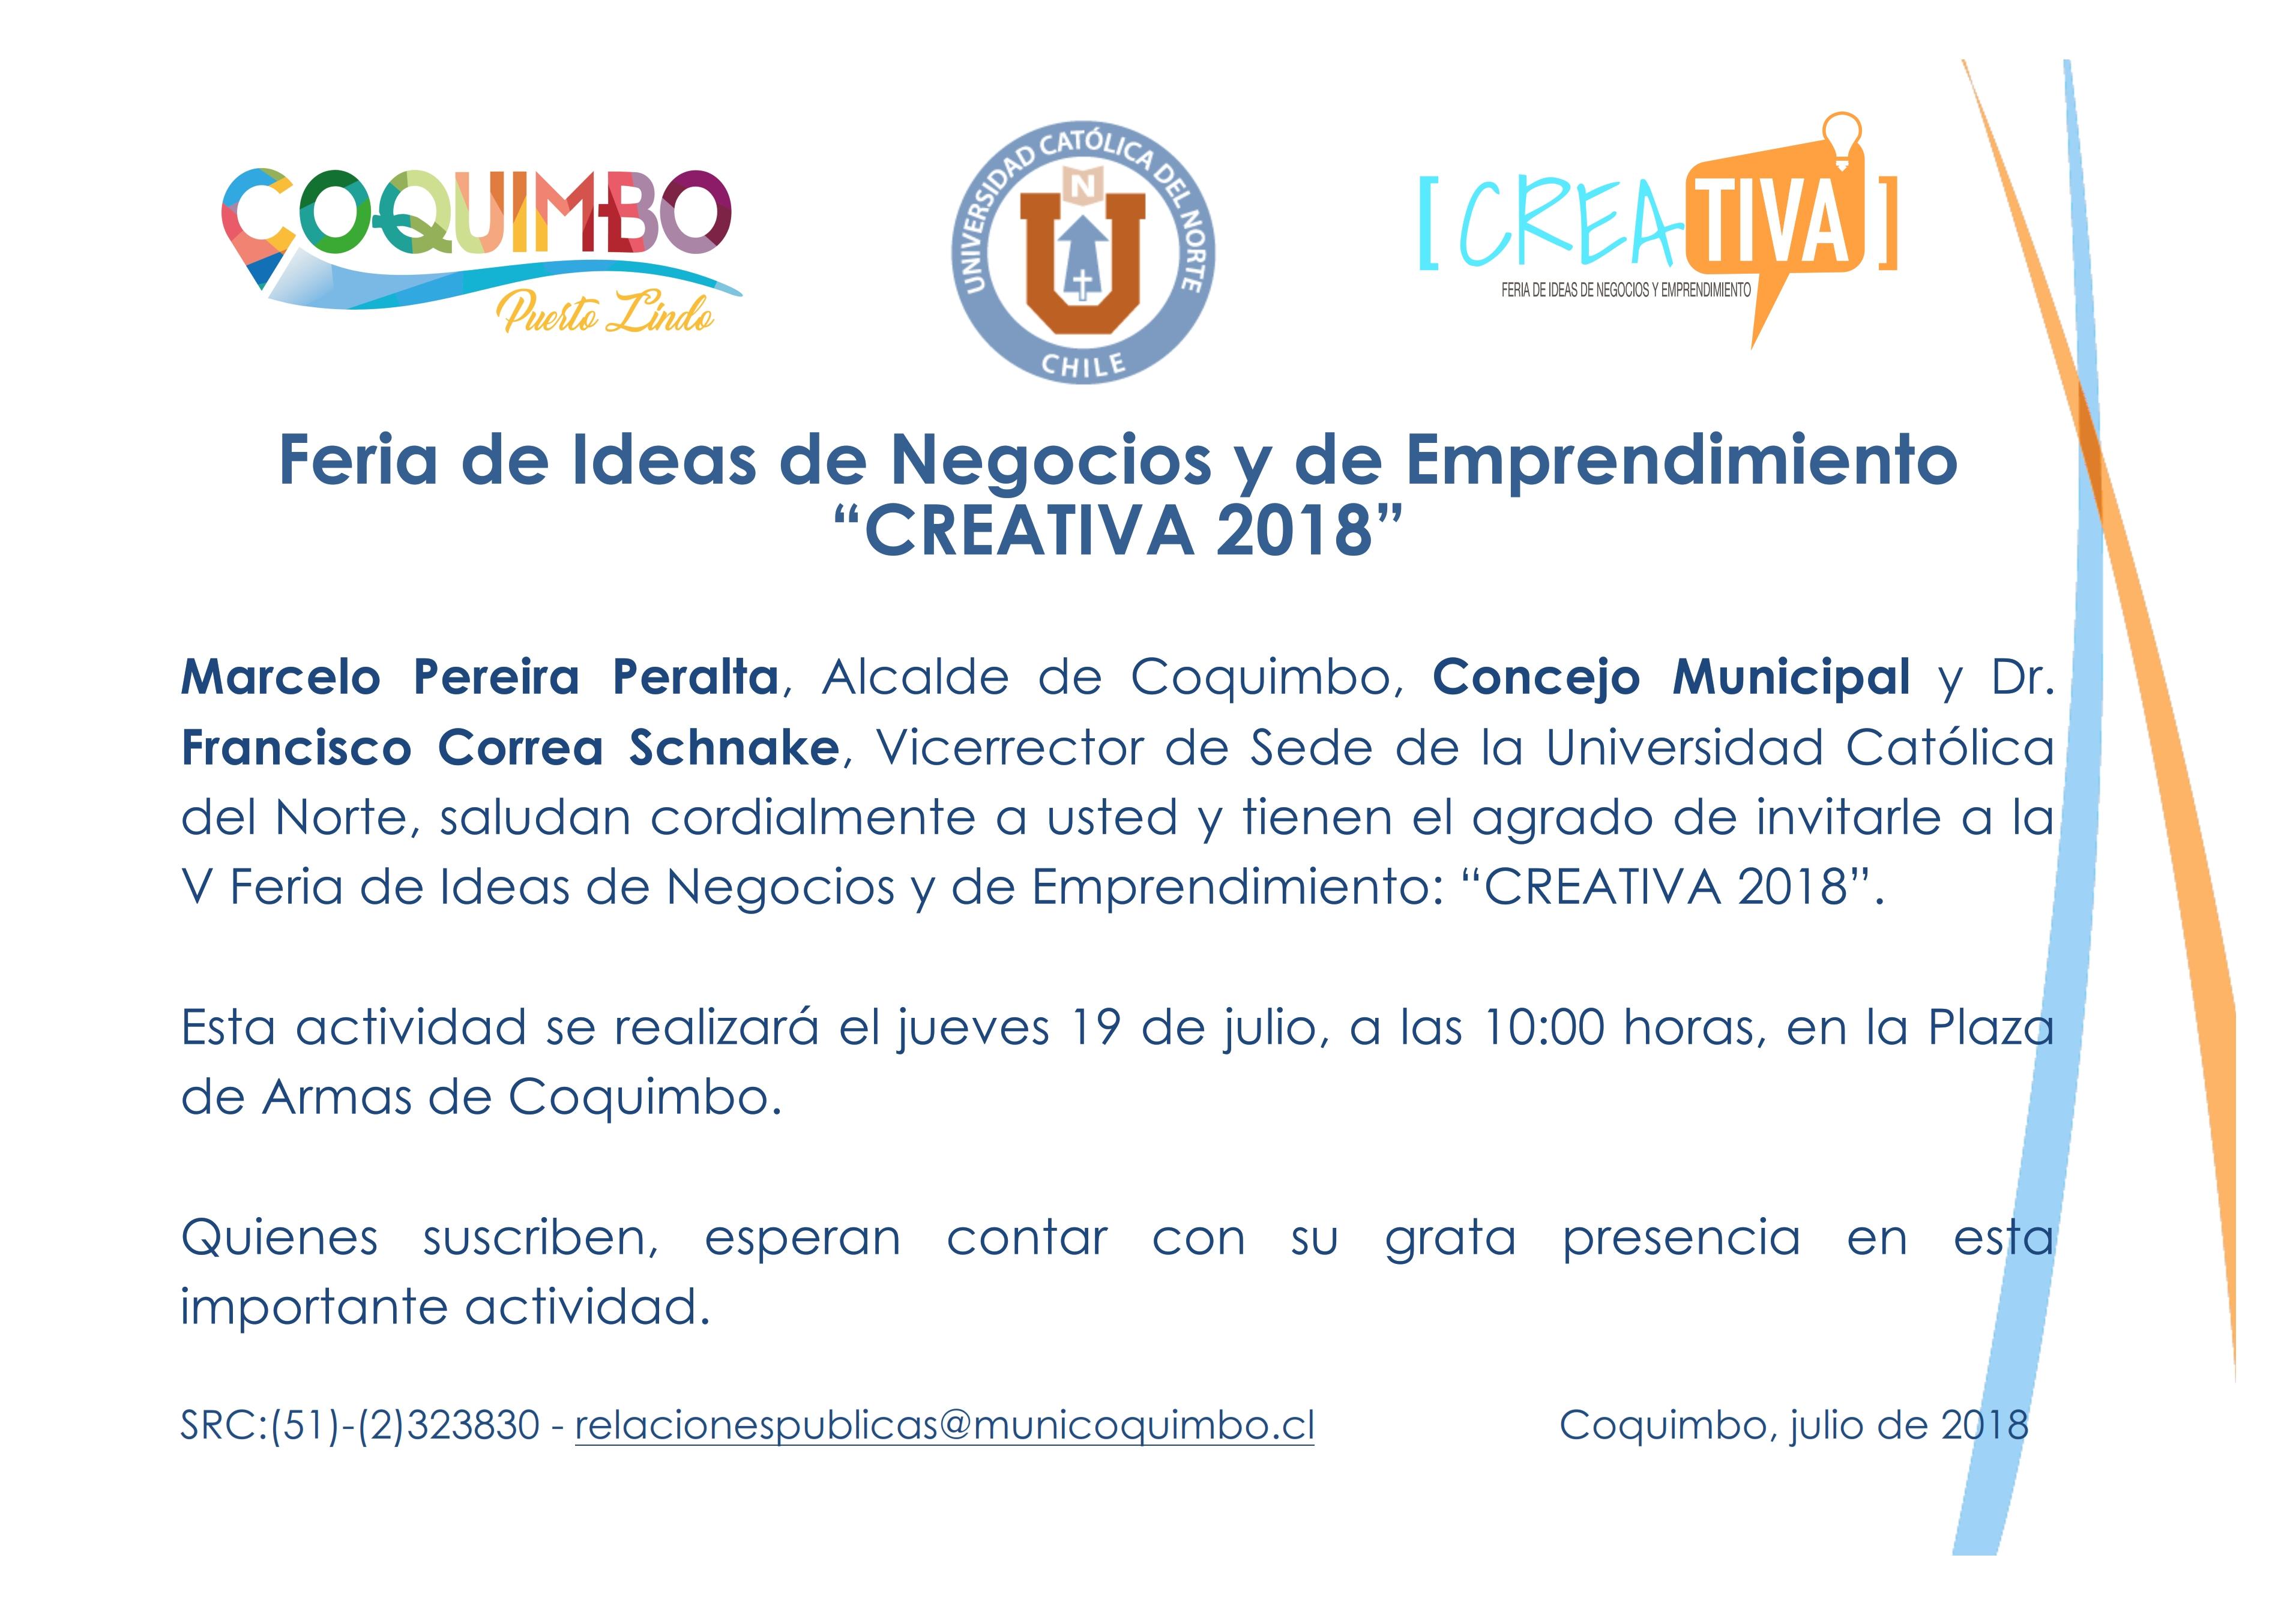 Quinta Feria de ideas de negocios y emprendimiento CREATIVA 2018